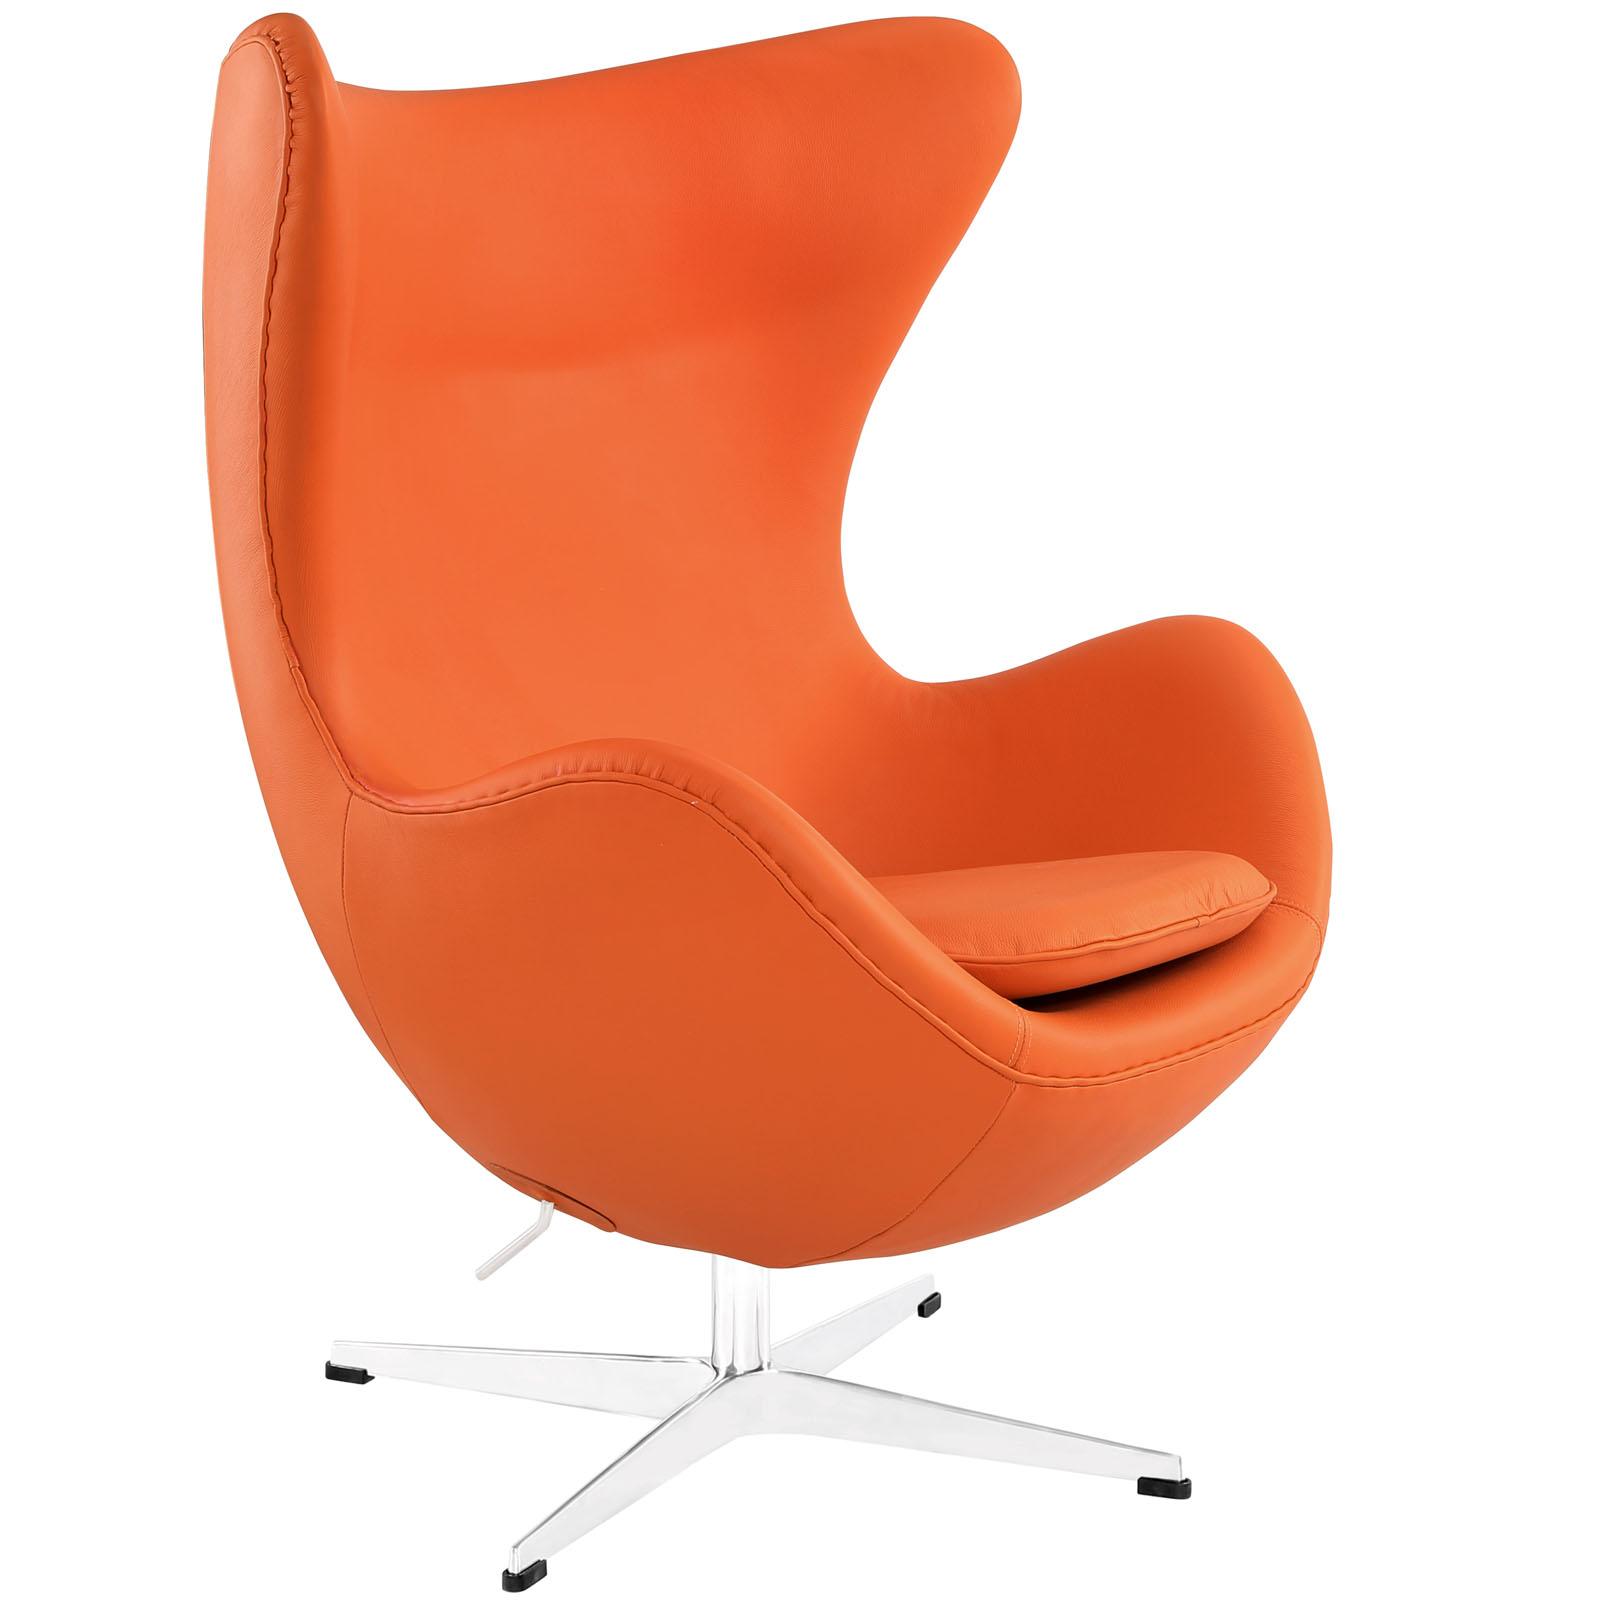 Magnum Orange Leather Accent Chair